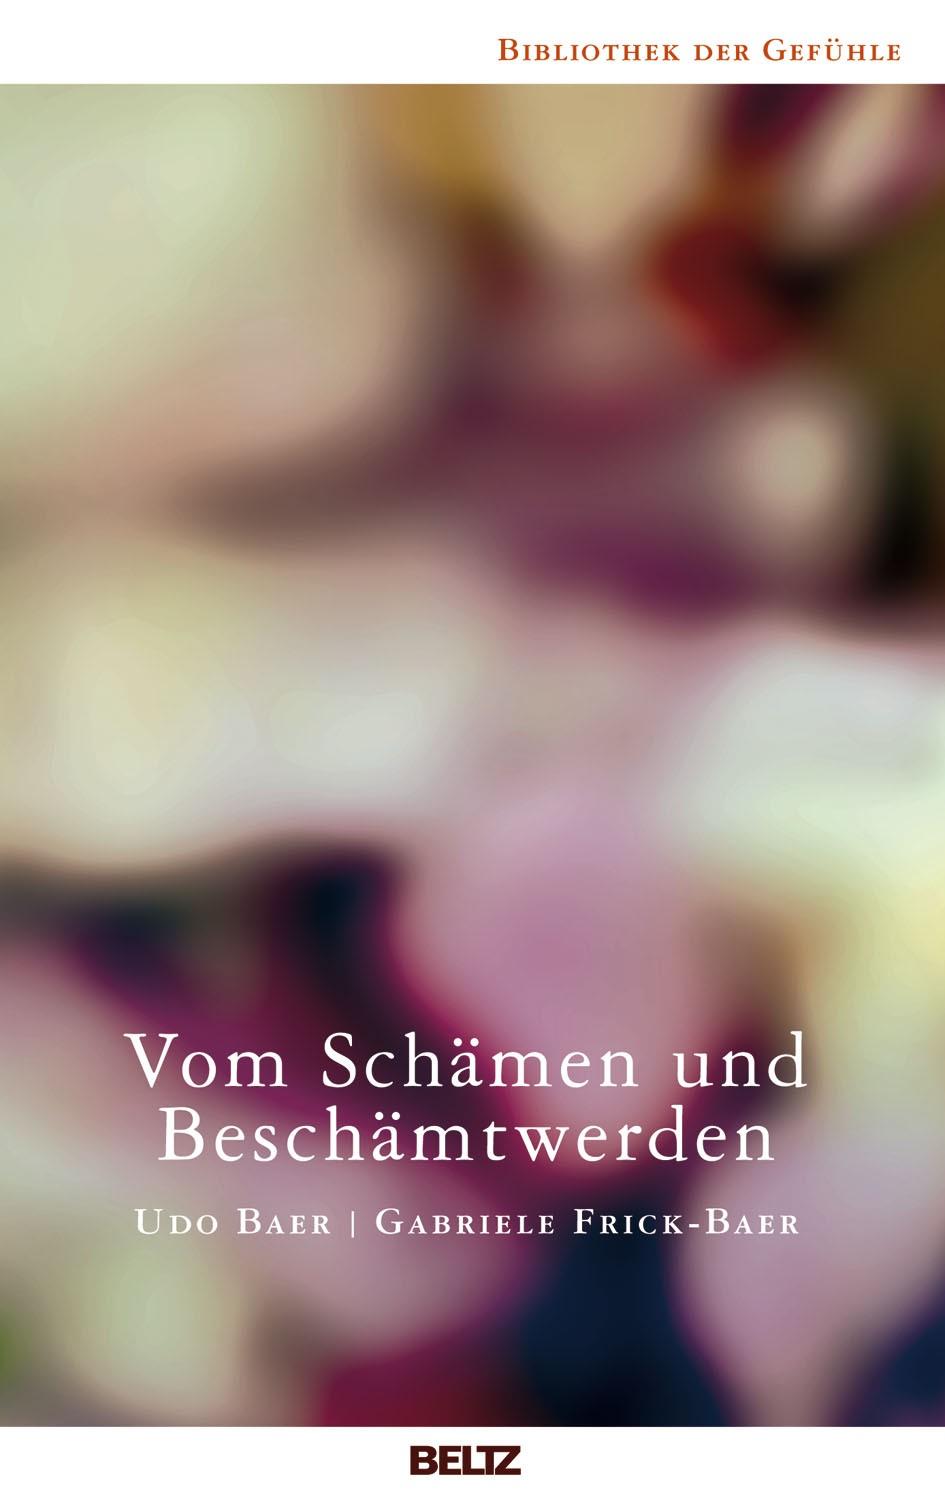 Vom Schämen und Beschämtwerden | Baer / Frick-Baer, 2018 | Buch (Cover)